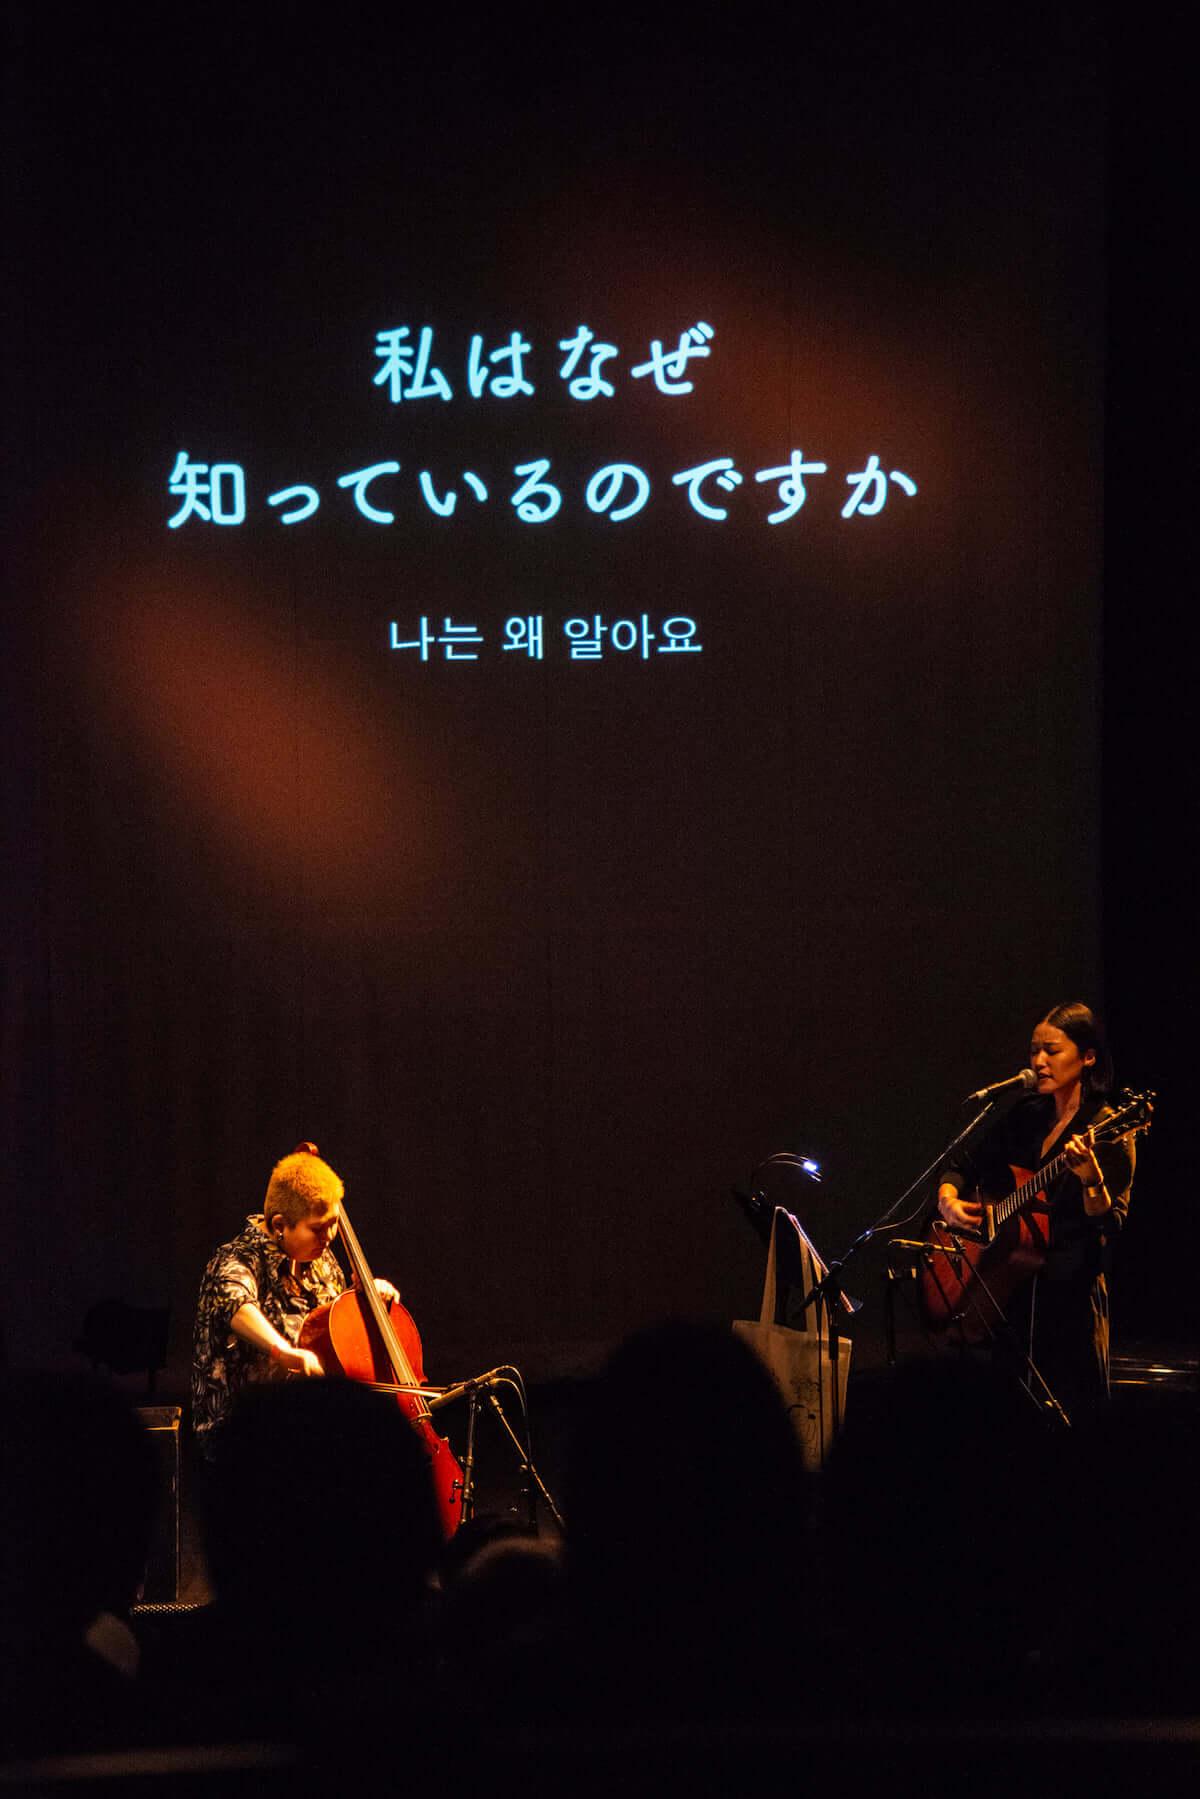 イベントレポート|伝説の即興バトルも復活。音楽フェス<Alternative Tokyo>で都市カルチャーを探求する mu190409_alternativetokyo10-1200x1799